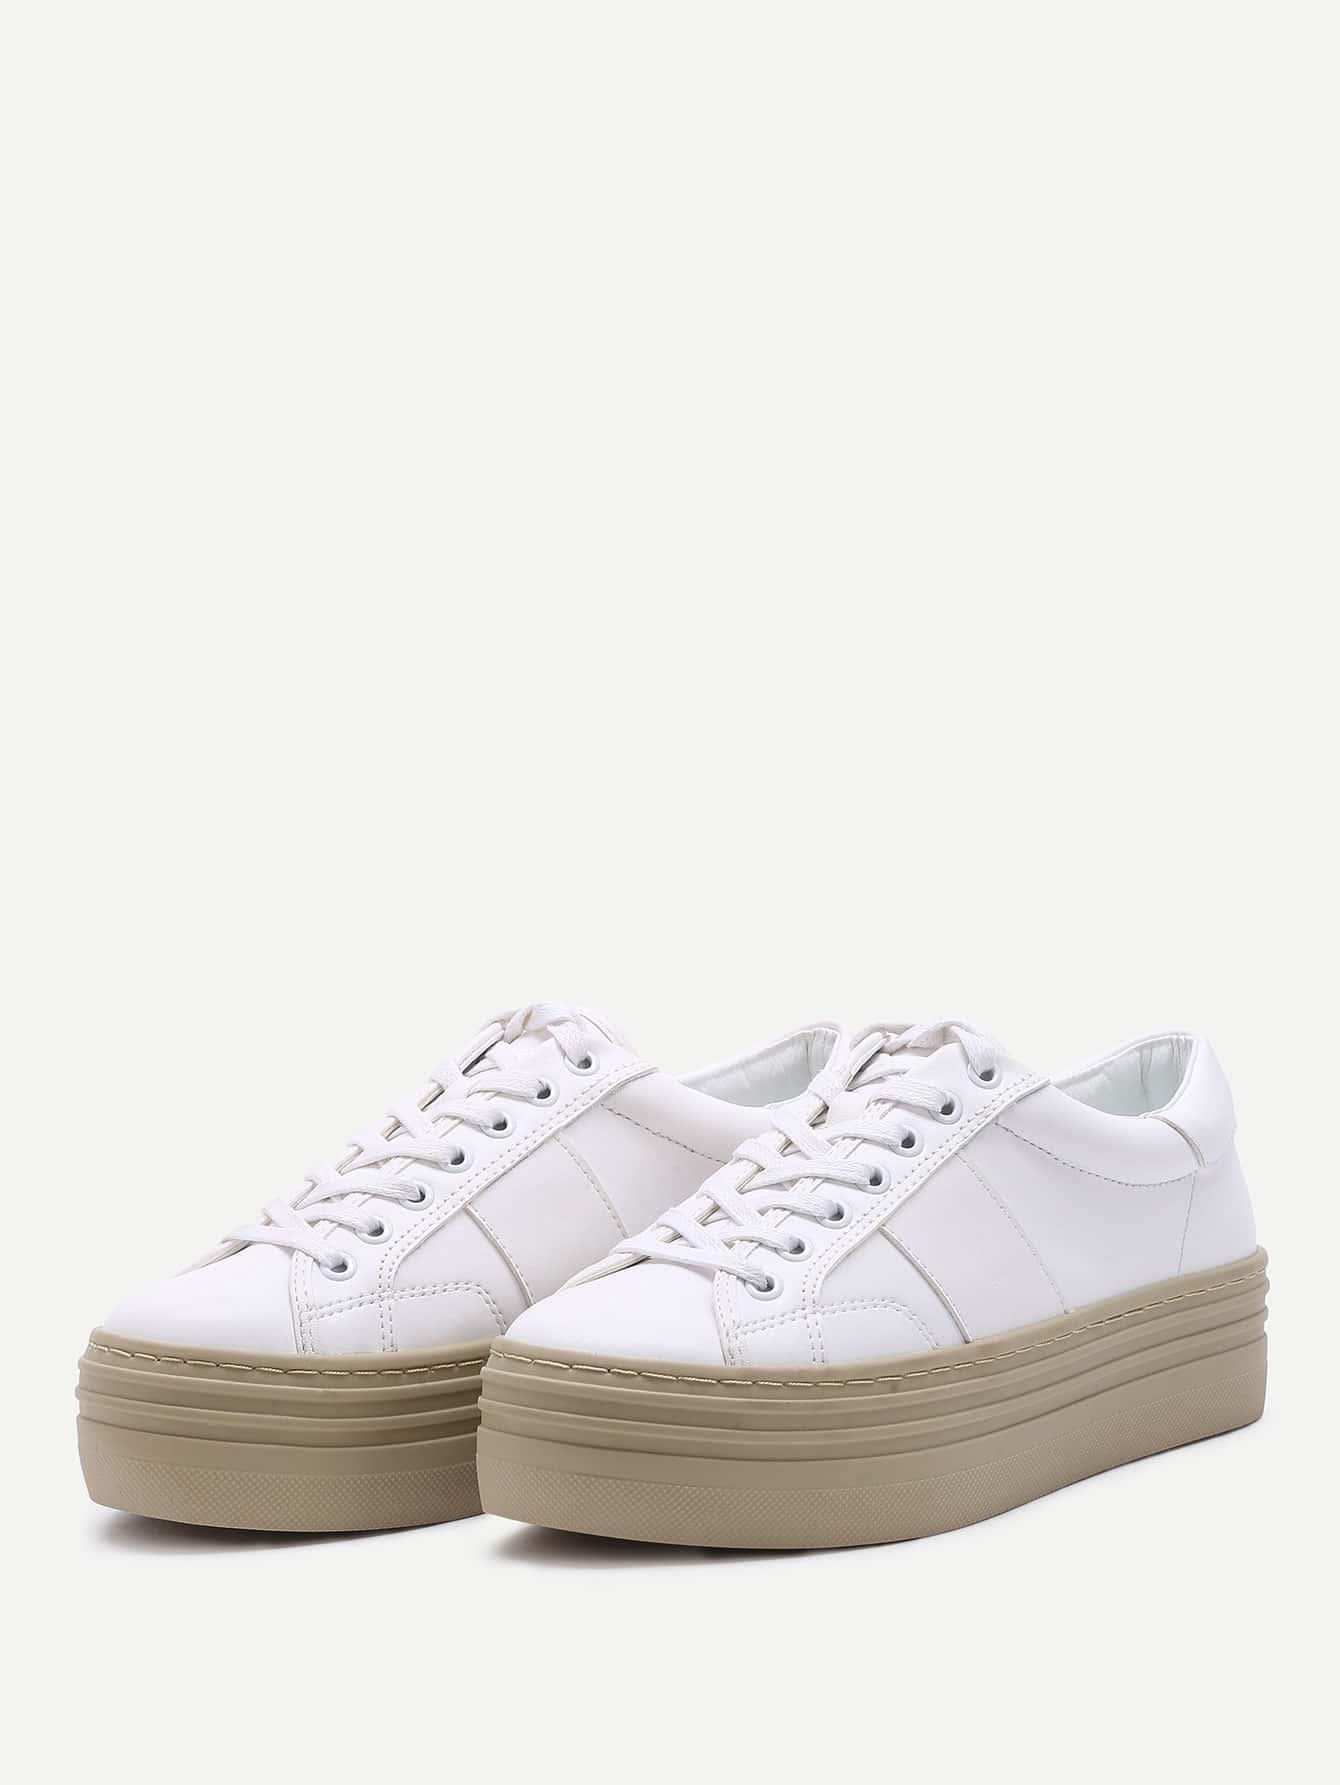 shoes170208808_2